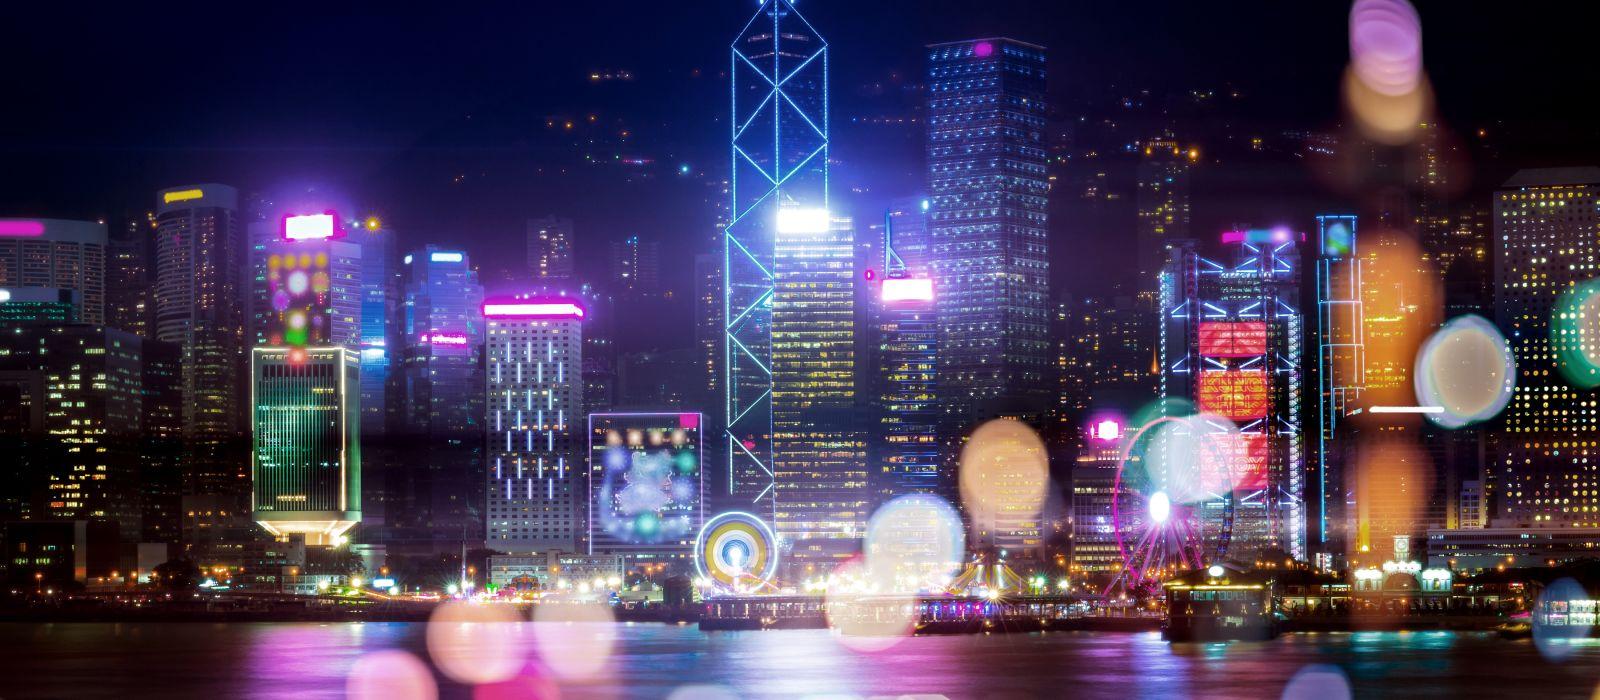 Doppelbelichtung mit Bokeh-Licht in der Stadt Hongkong, Asien